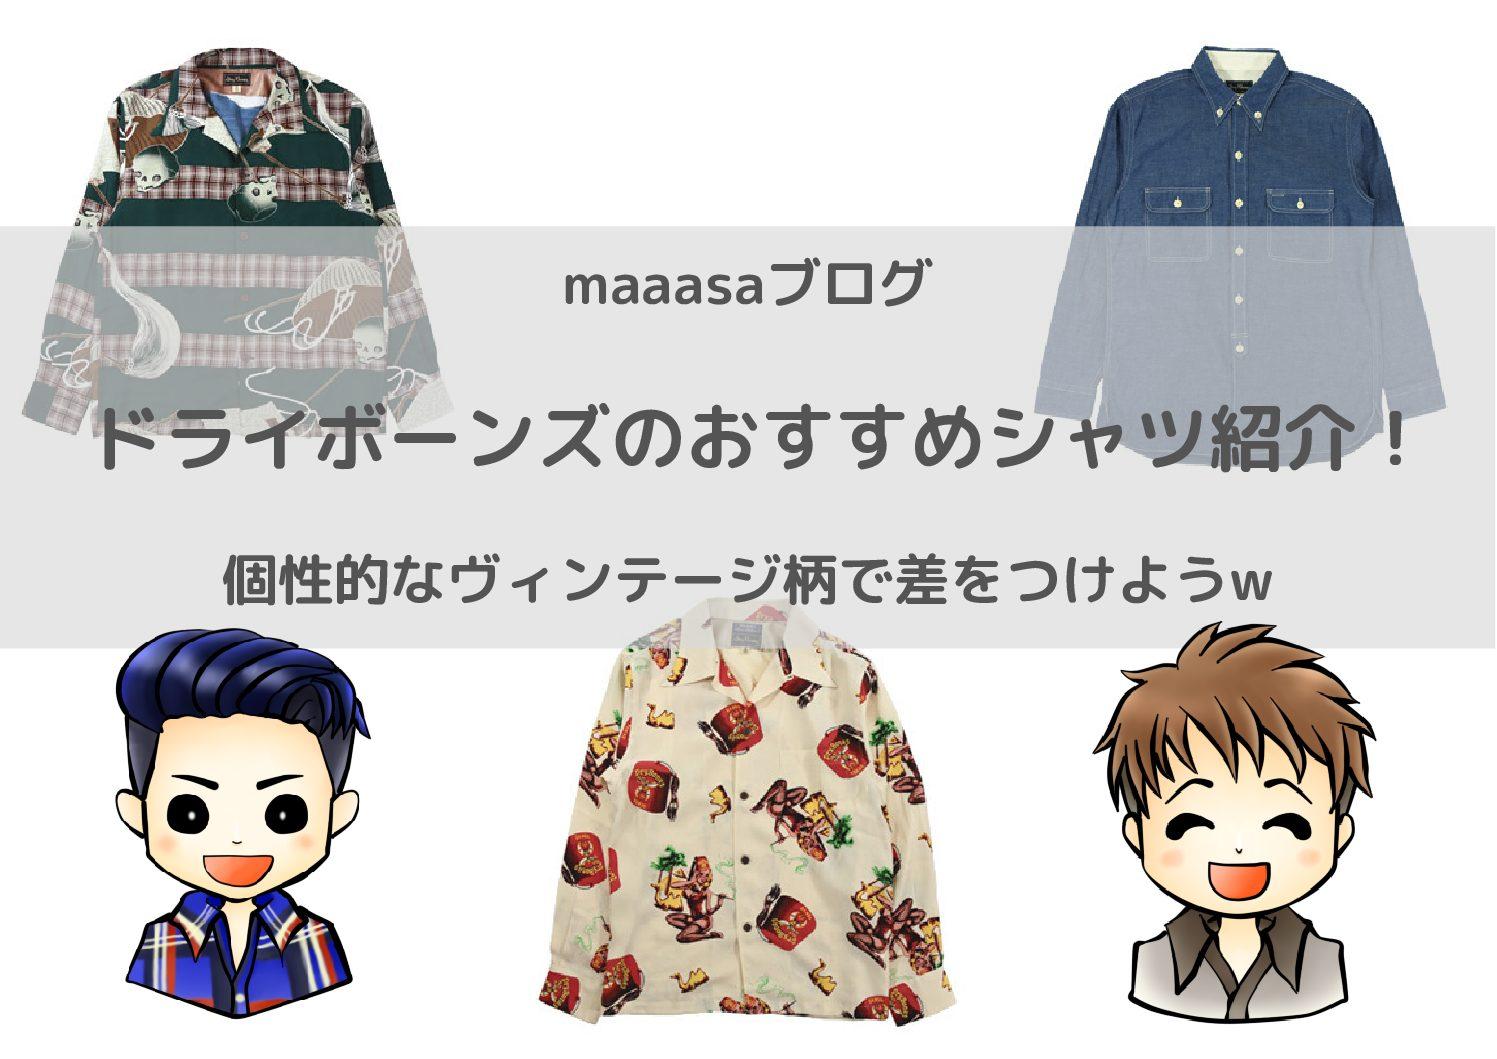 DryBonse(ドライボーンズ)のおすすめシャツ7選!